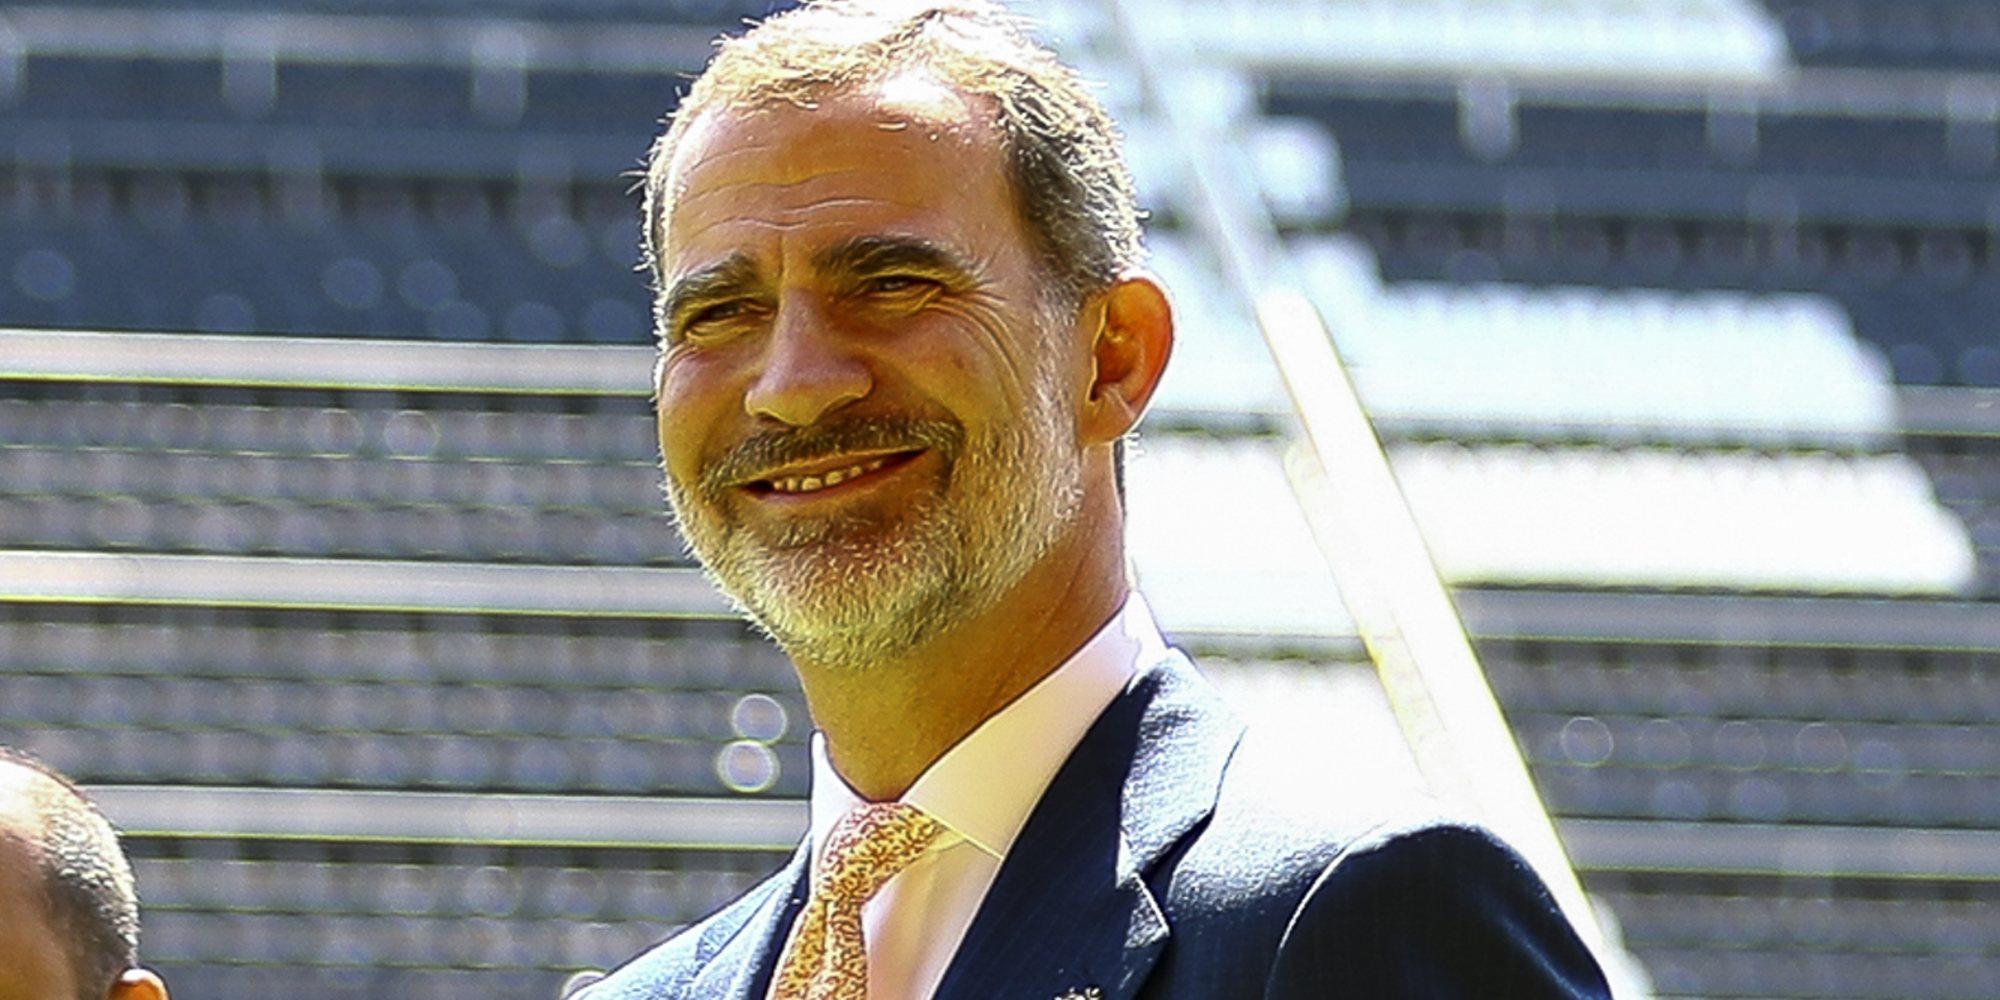 La emotiva visita del Rey Felipe al Valencia CF, el equipo favorito de su sobrino Juan Urdangarin